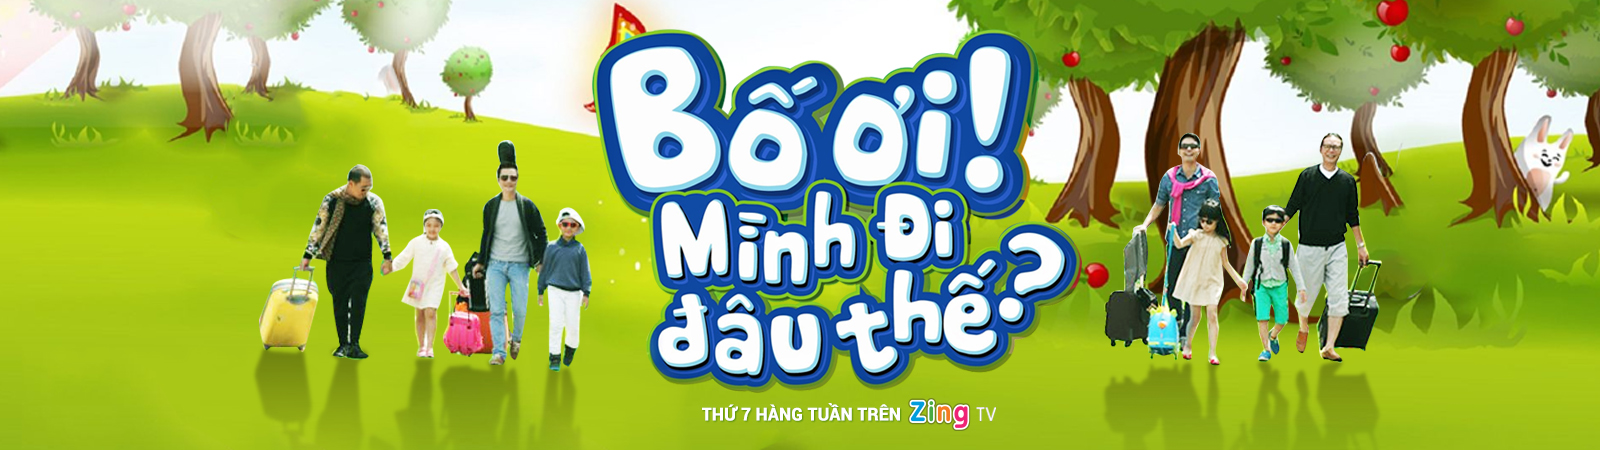 Tập 12 - Bố Ơi, Mình Đi Đâu Thế Việt Nam